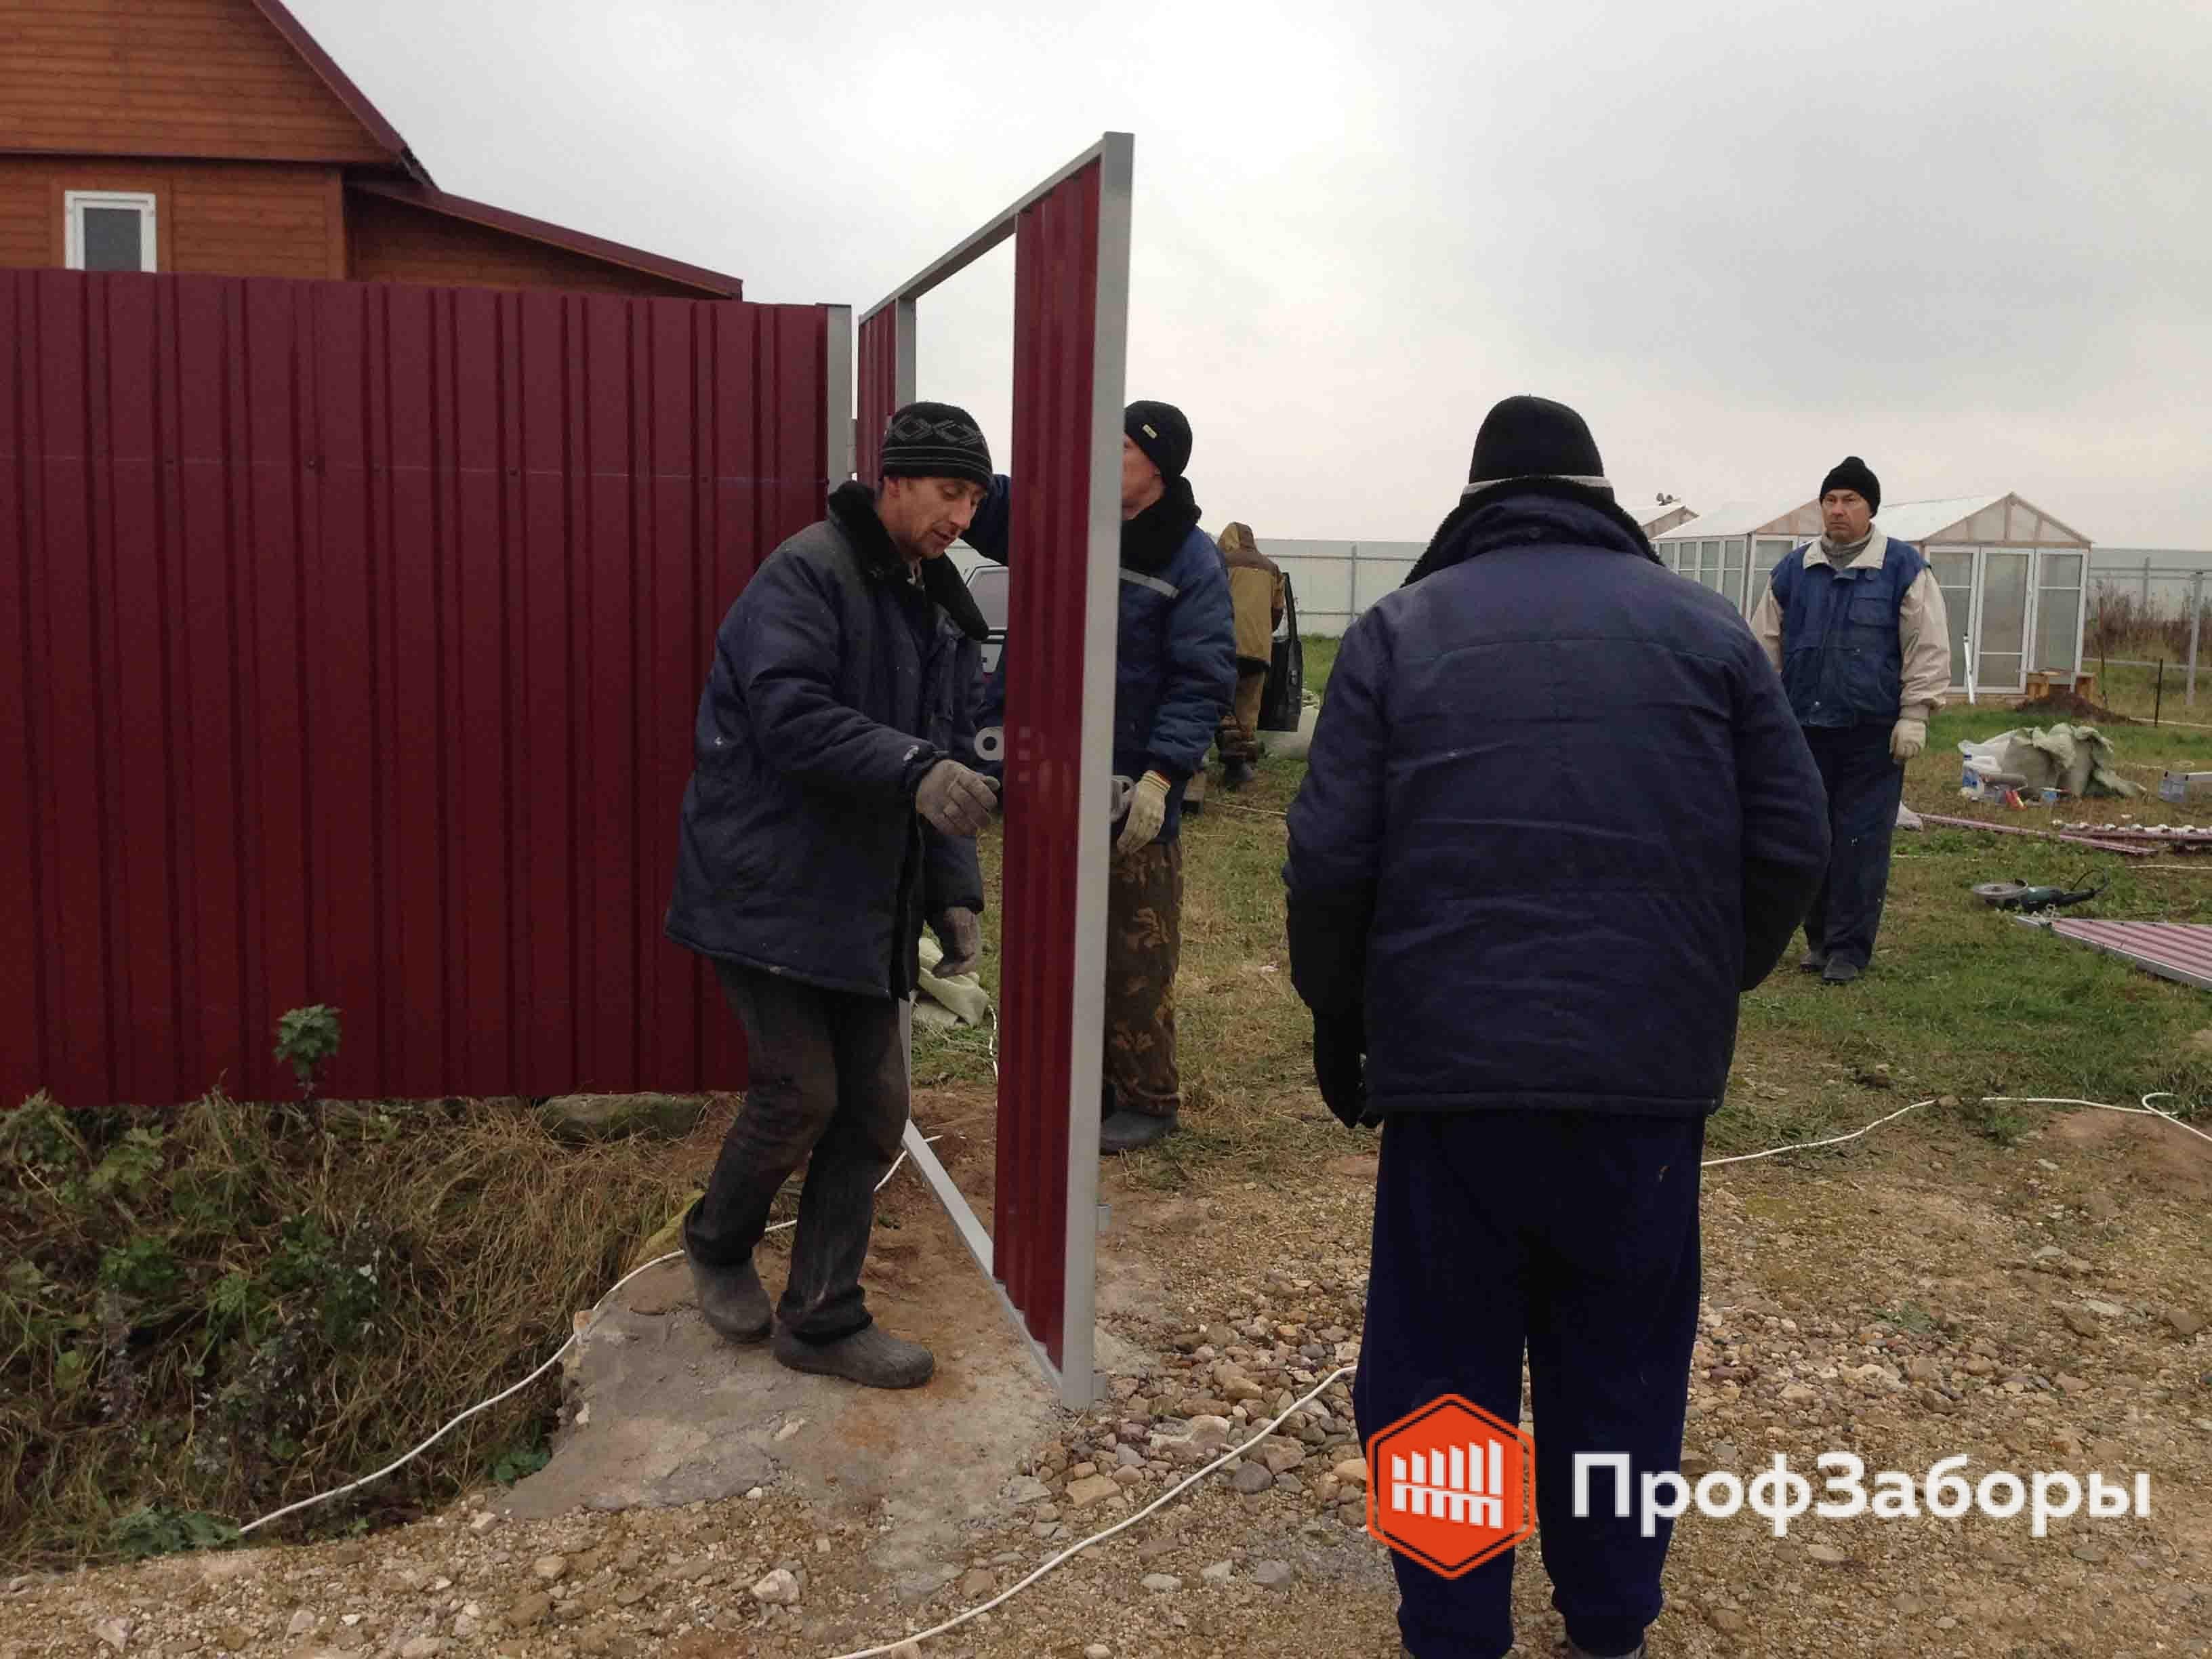 Заборы Из профнастила  - Городской округ Бронницы. Фото 4